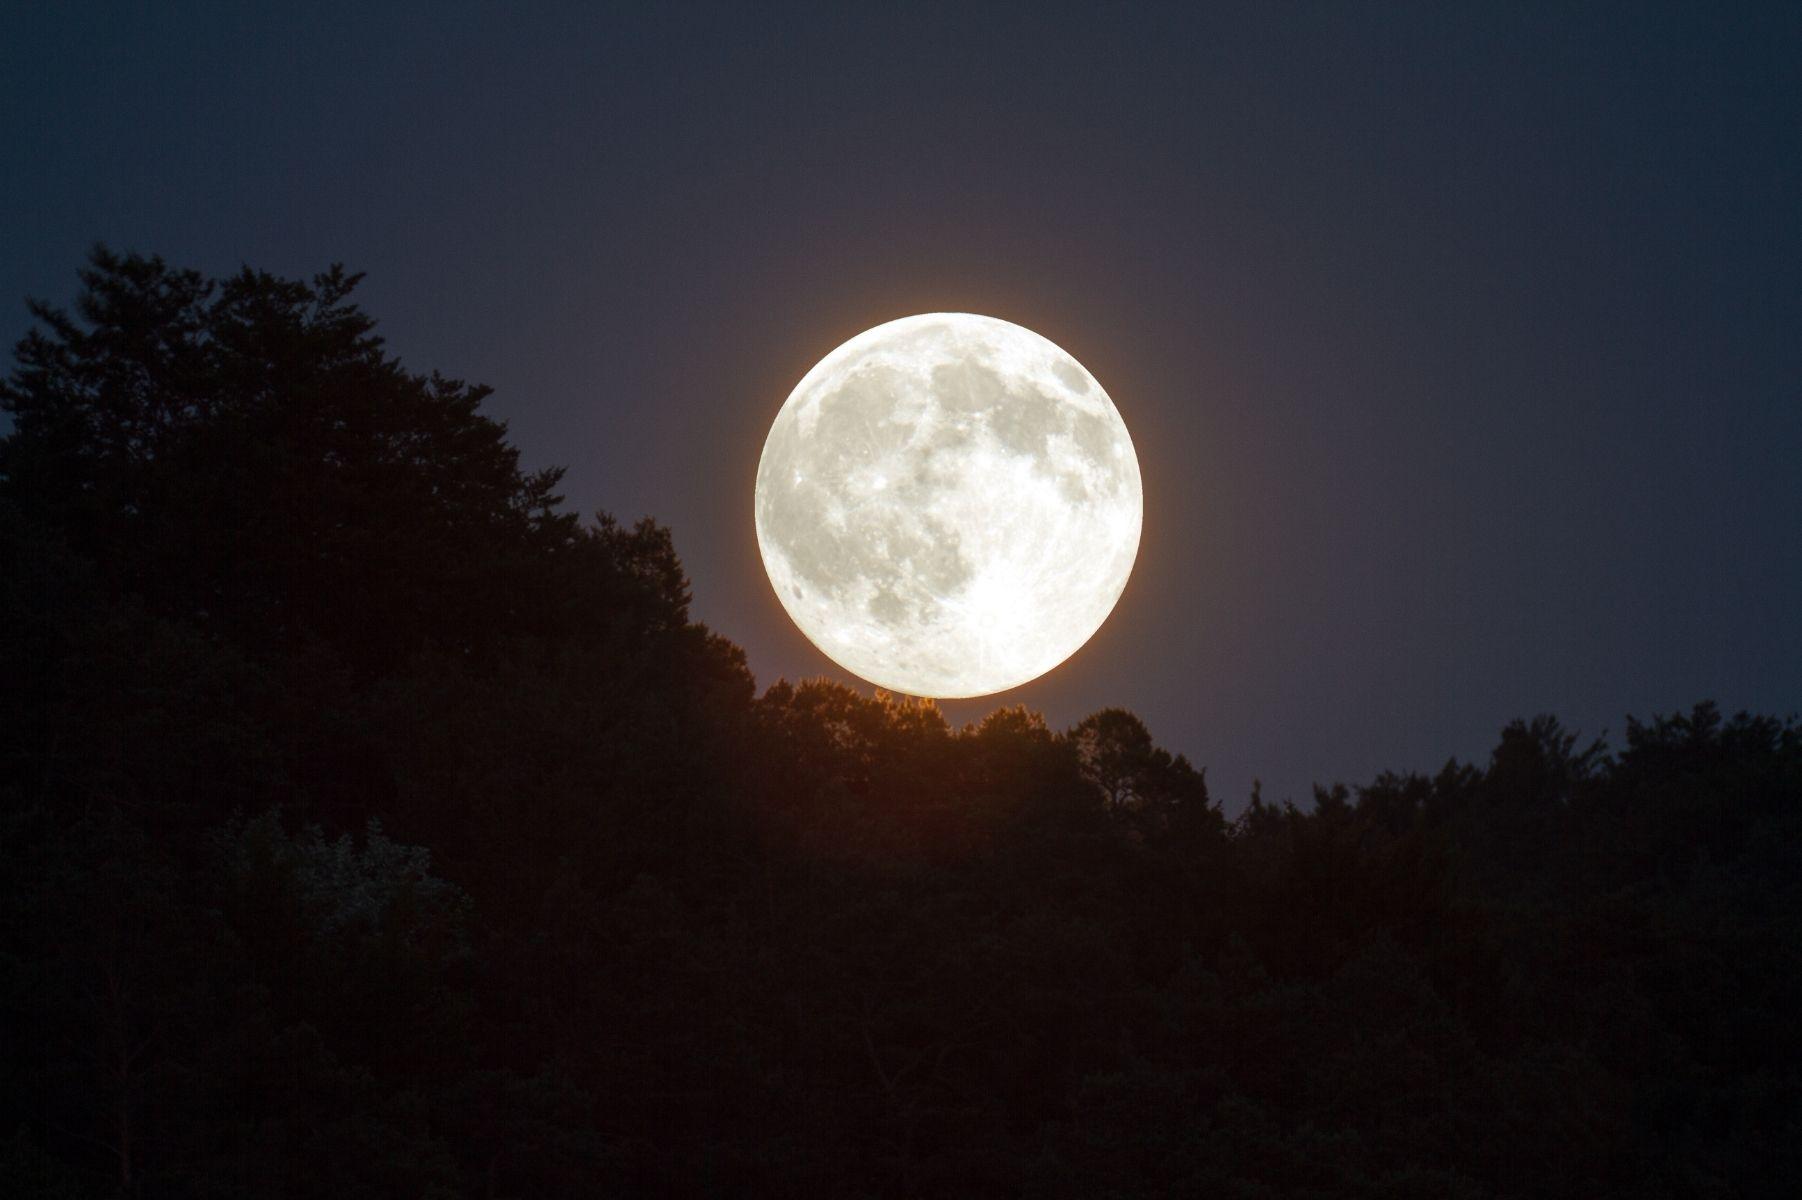 A Lua na astrologia: relação com os signos e casas